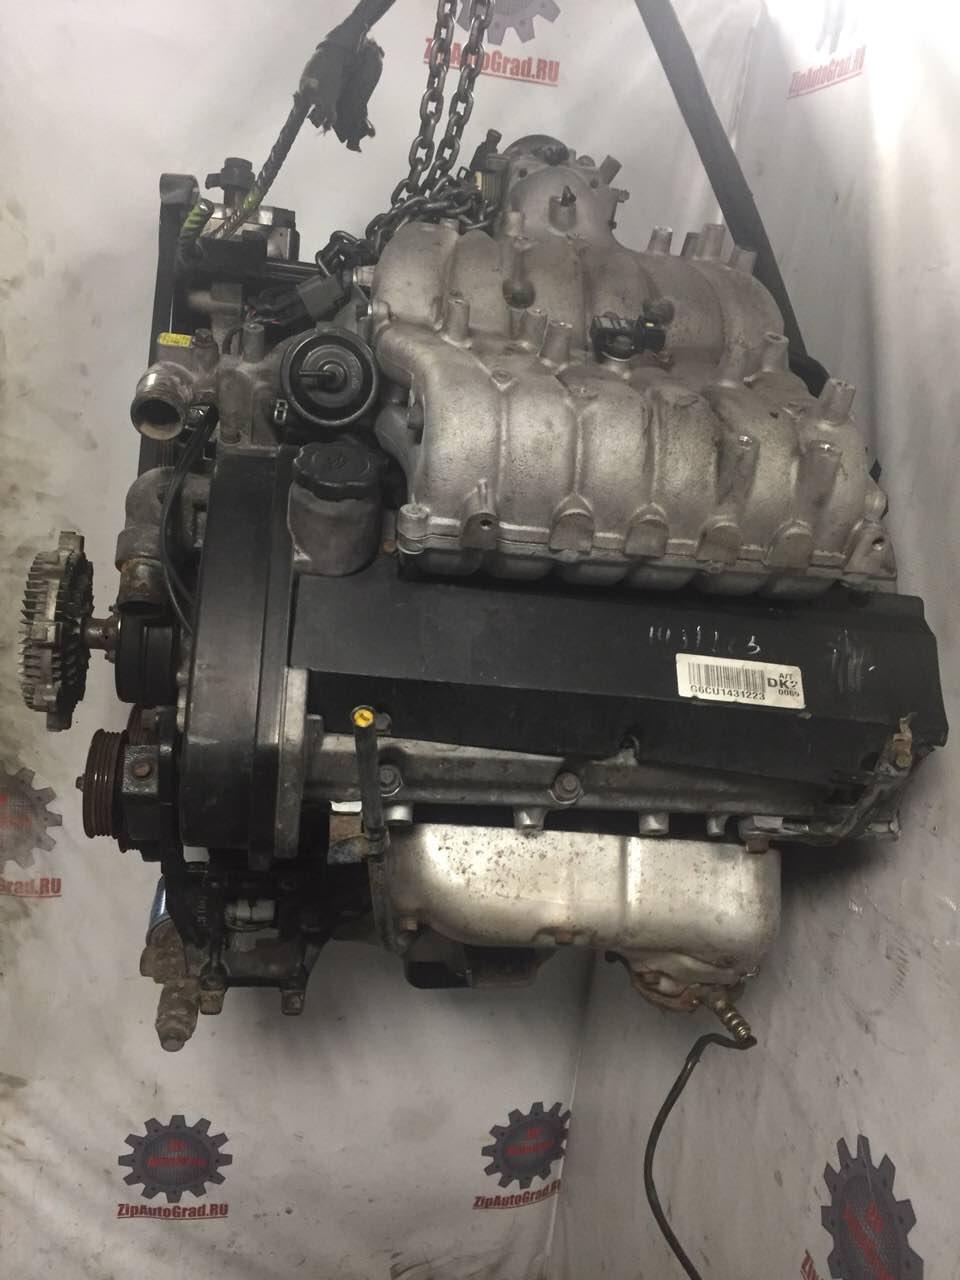 Двигатель Hyundai Terracan. G6CU. , 3.5л., 197л.с.  фото 2